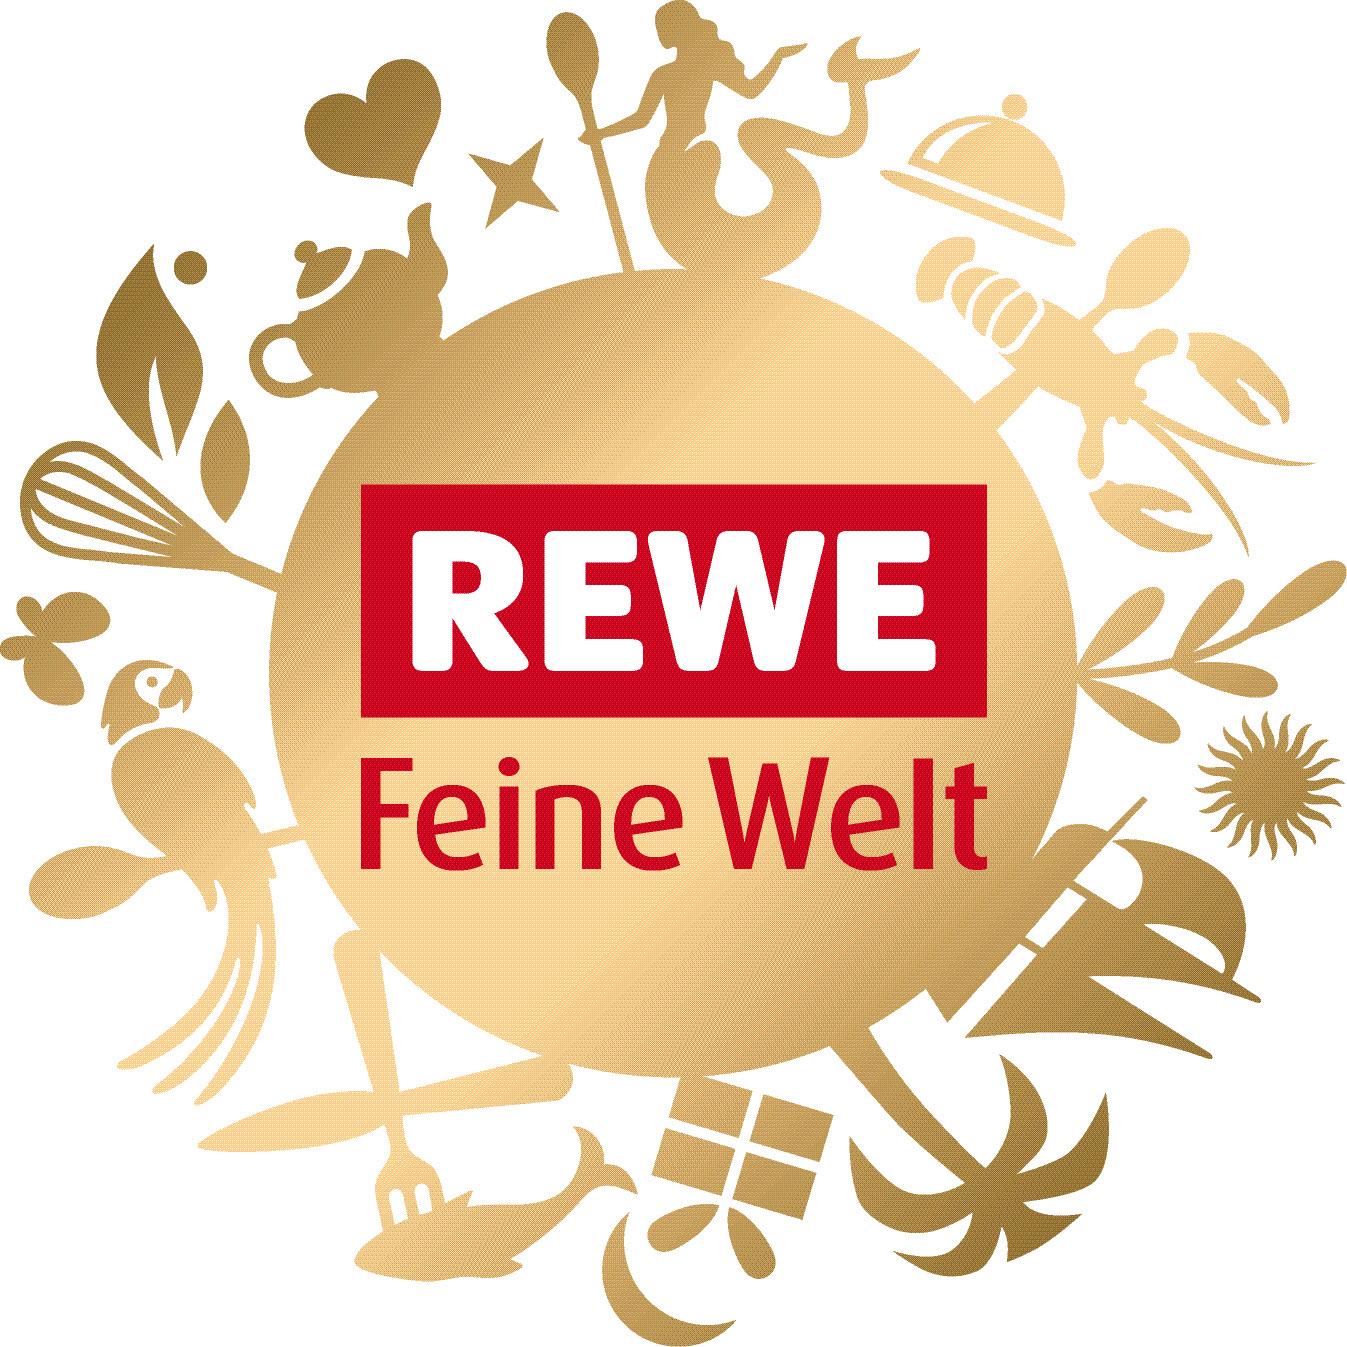 REWE Feine Welt Logo